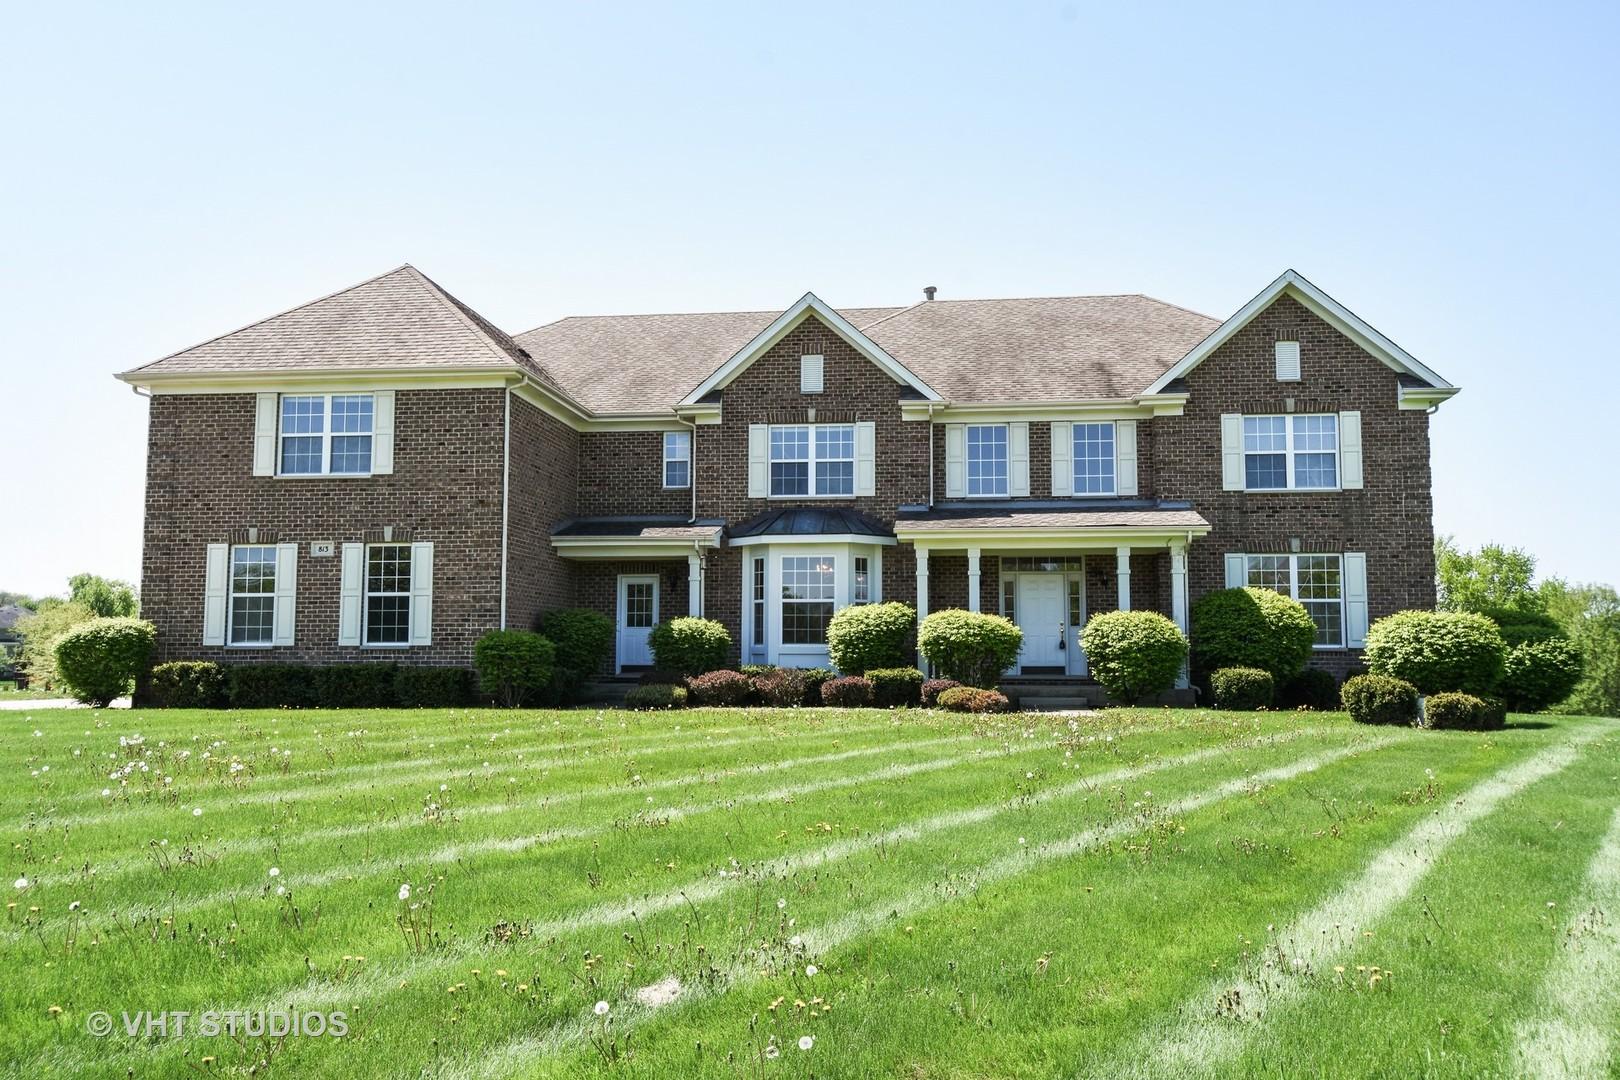 813 Magnuson Court, Barrington Hills, Illinois 60010